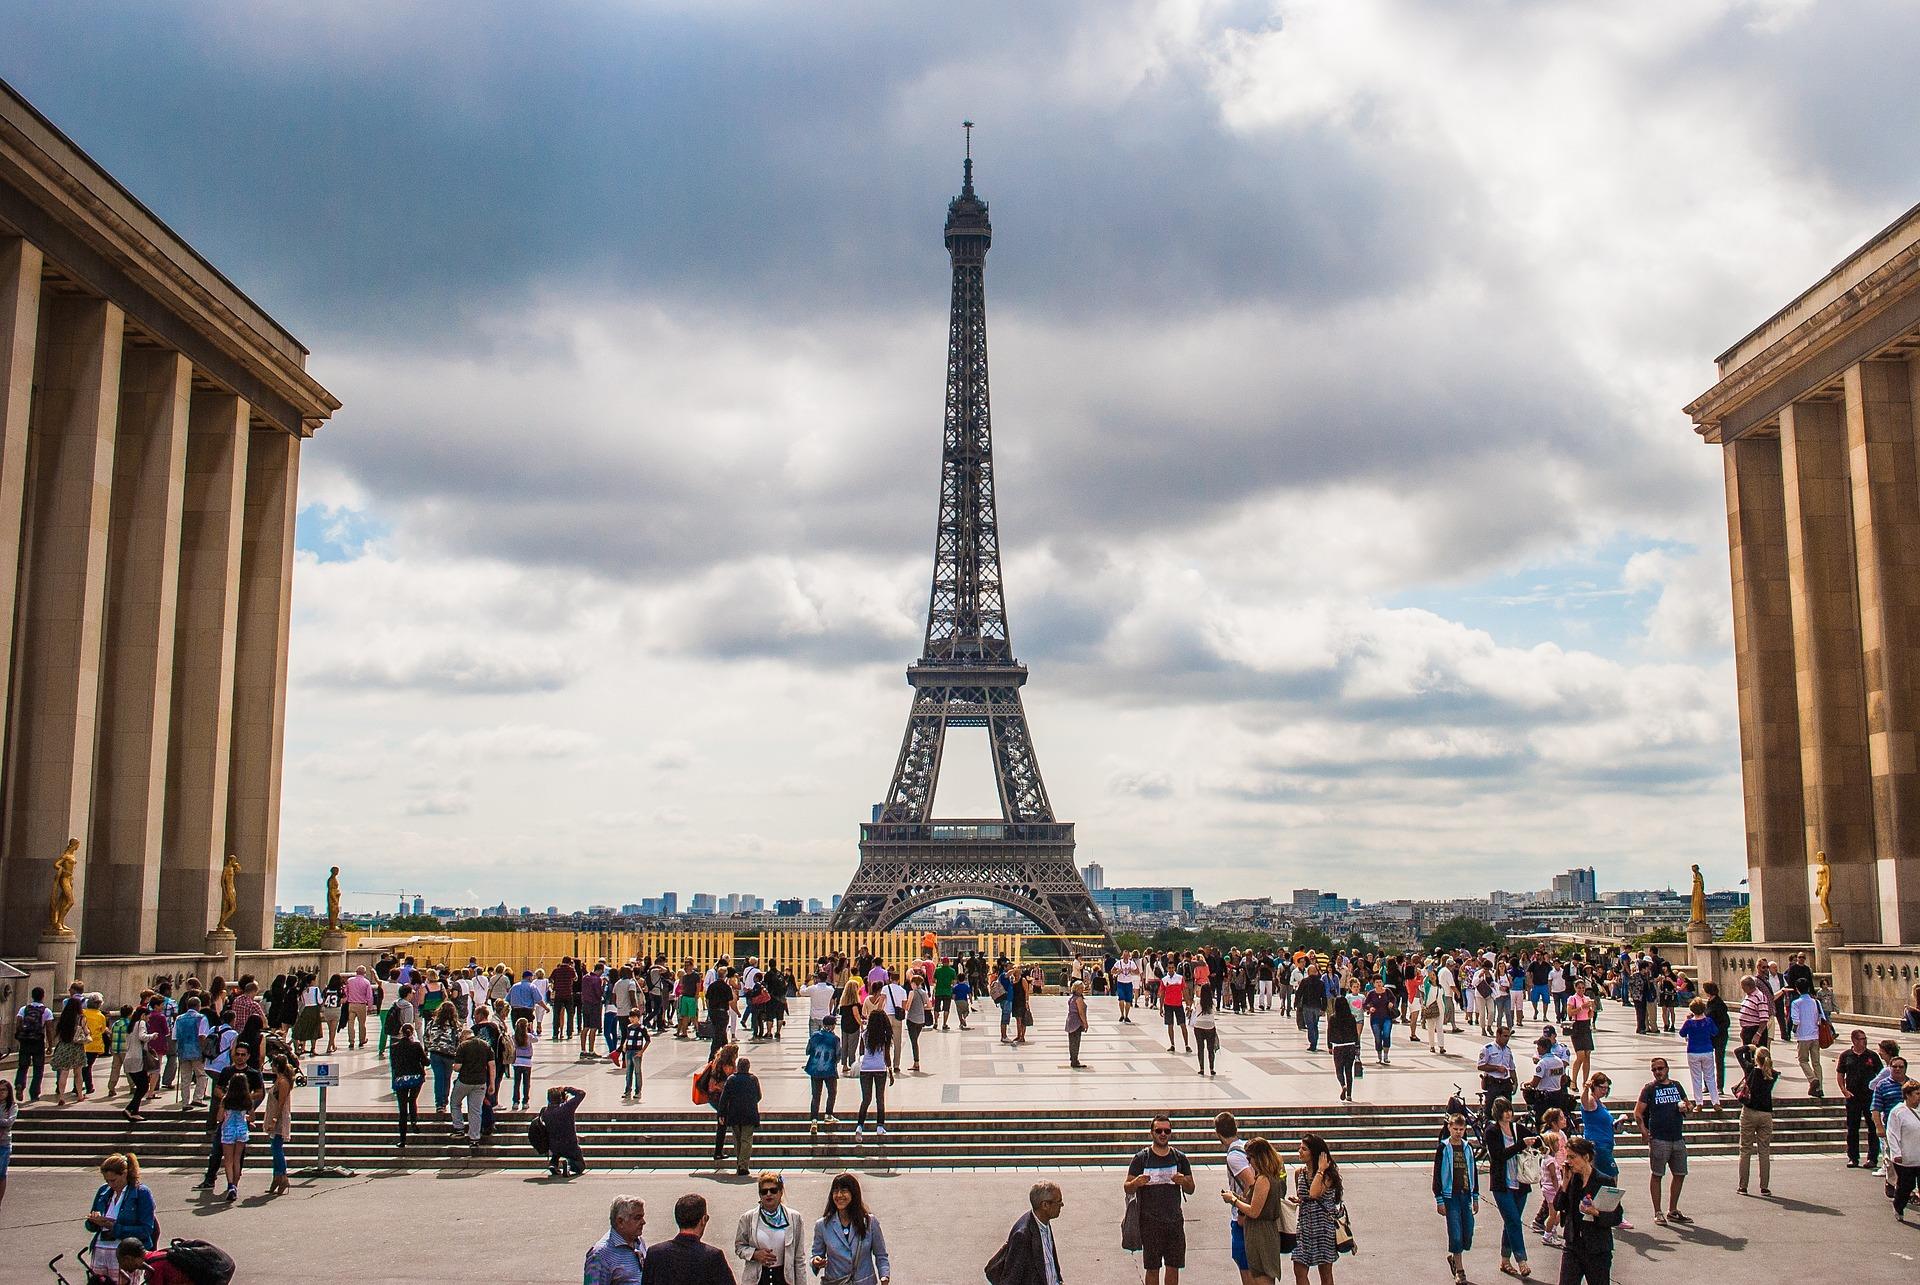 Paris_Trocad%C3%A9ro_CC0.jpg?1545475489